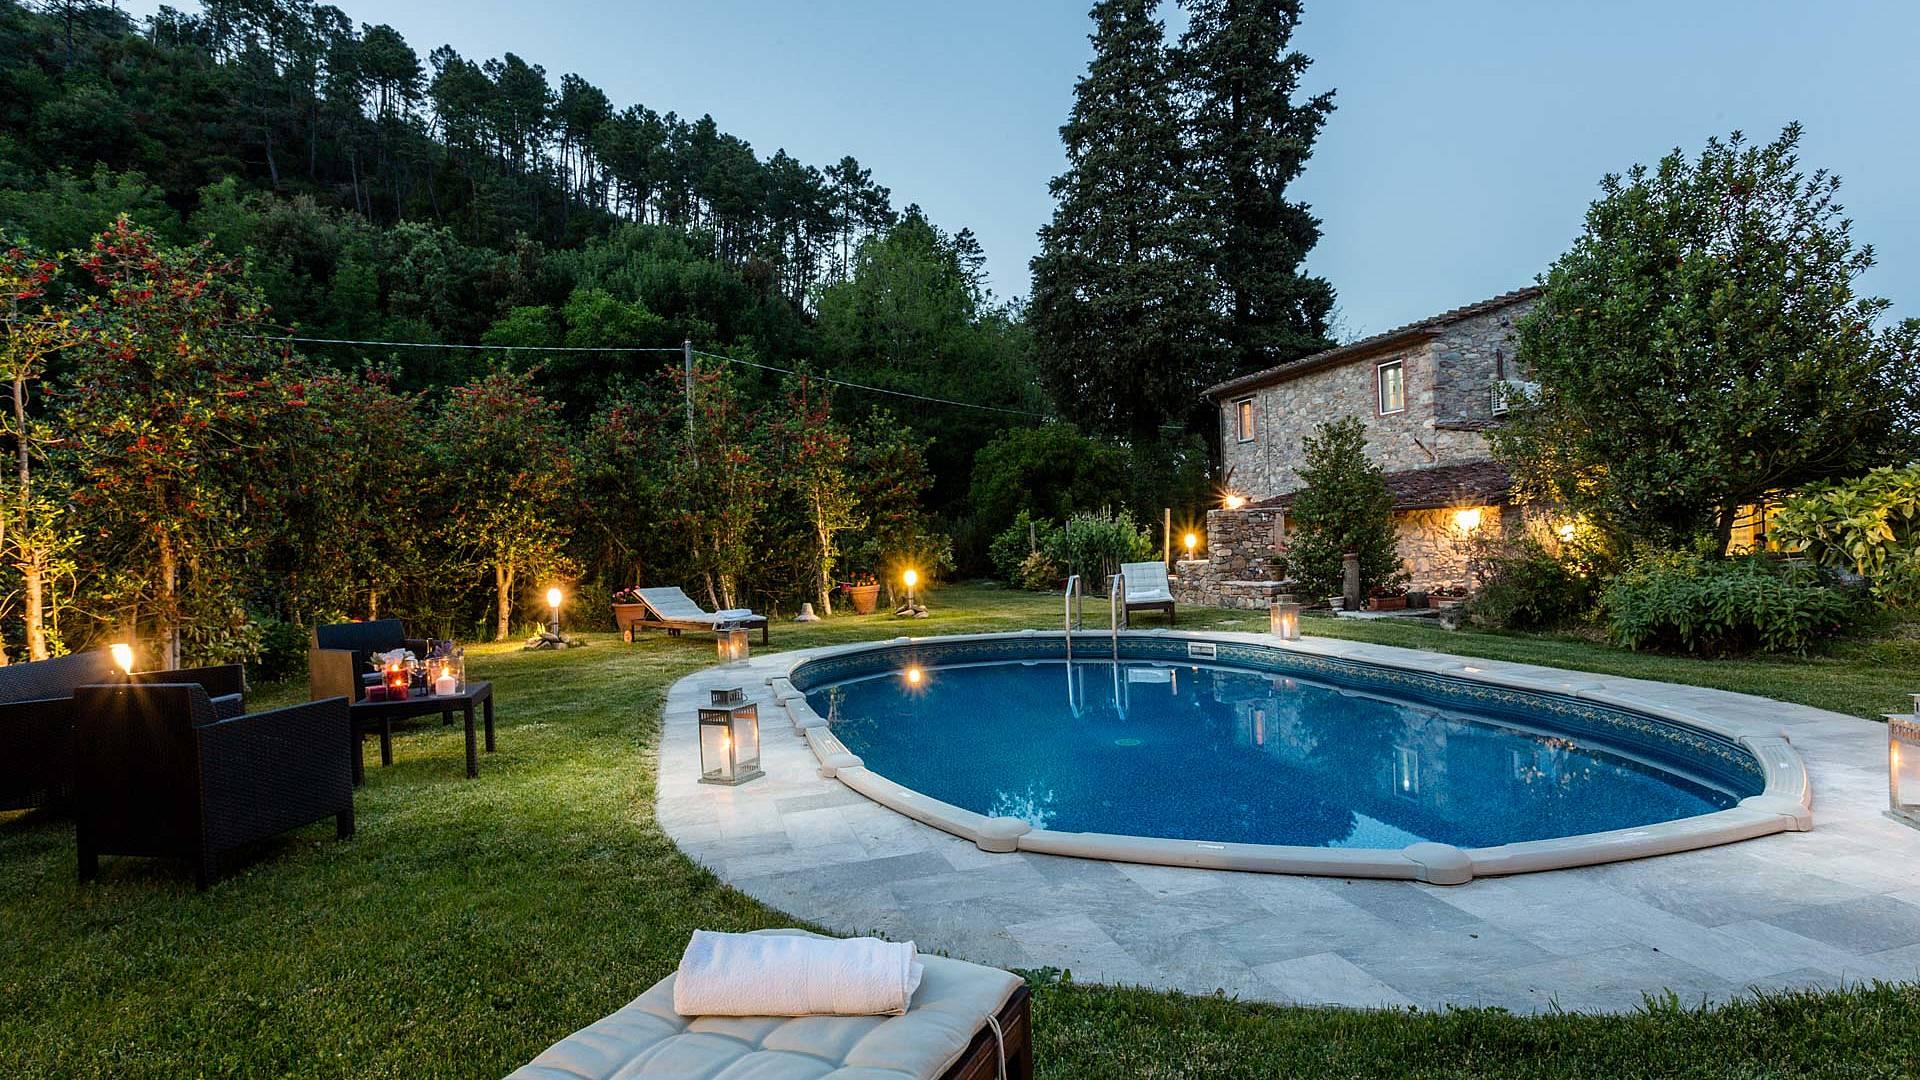 Séjour culturel et gastronomique dans la campagne Toscane